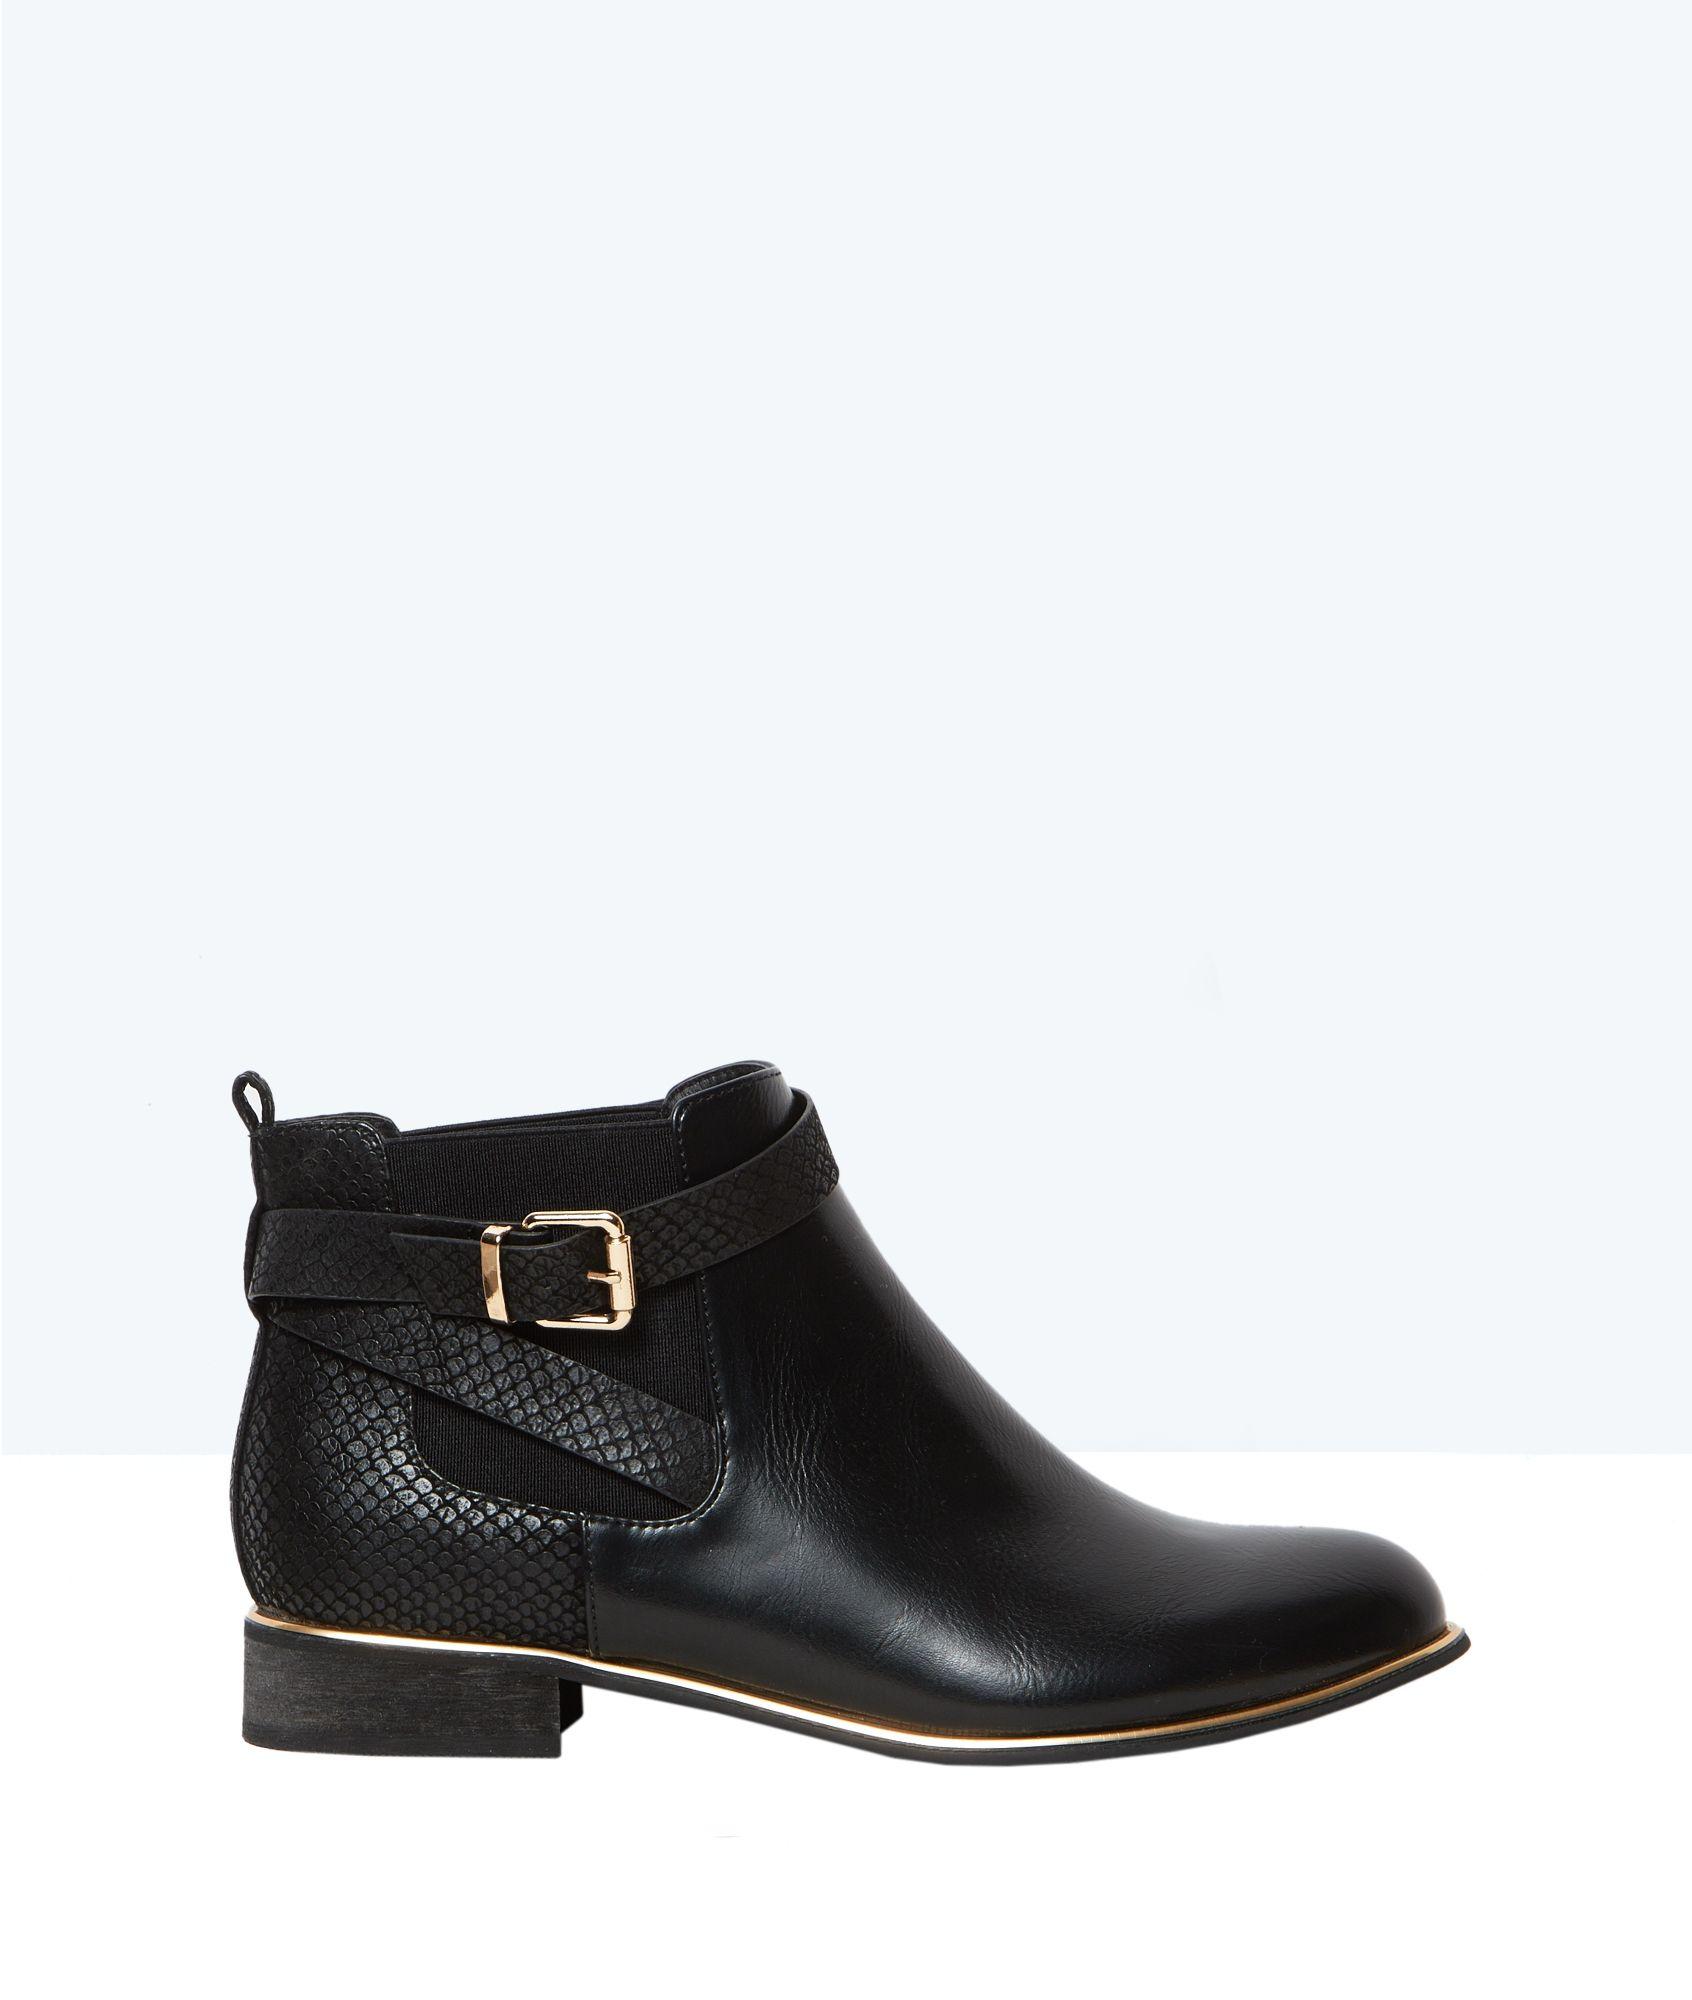 Bottines plates à boucles - Chaussures - Accessoires - Prêt-à-porter